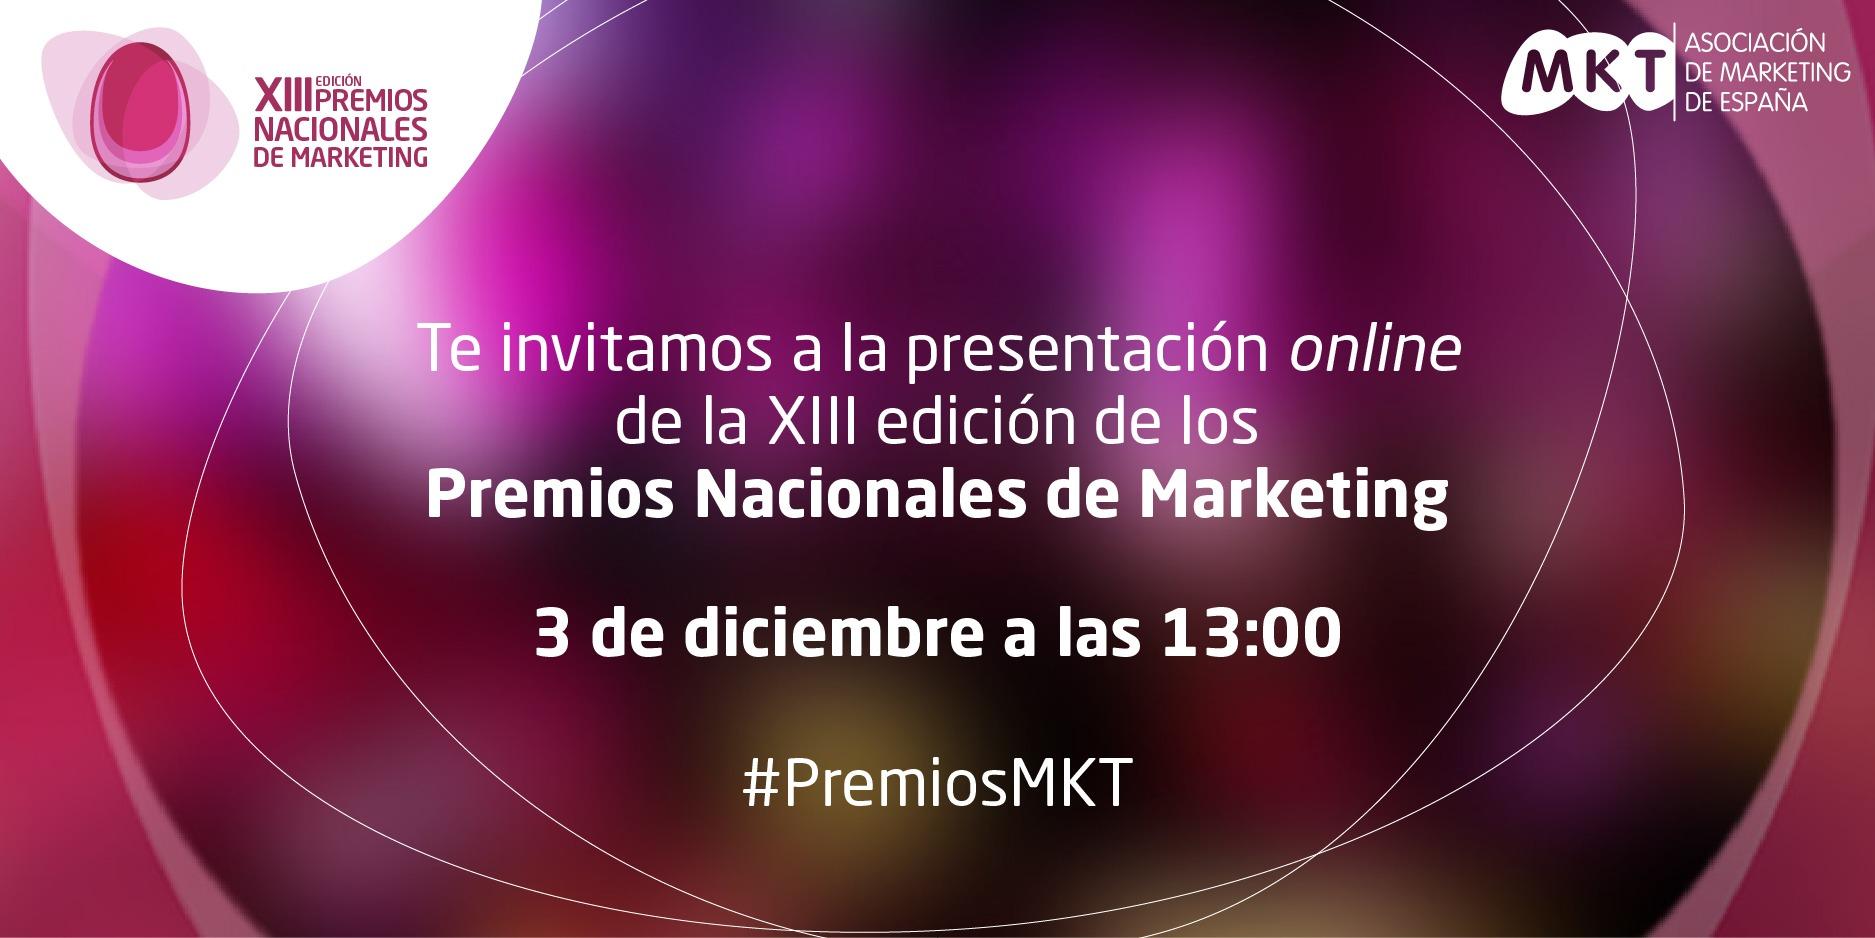 la presentación online de la XIII edición de los Premios Nacionales de Marketing